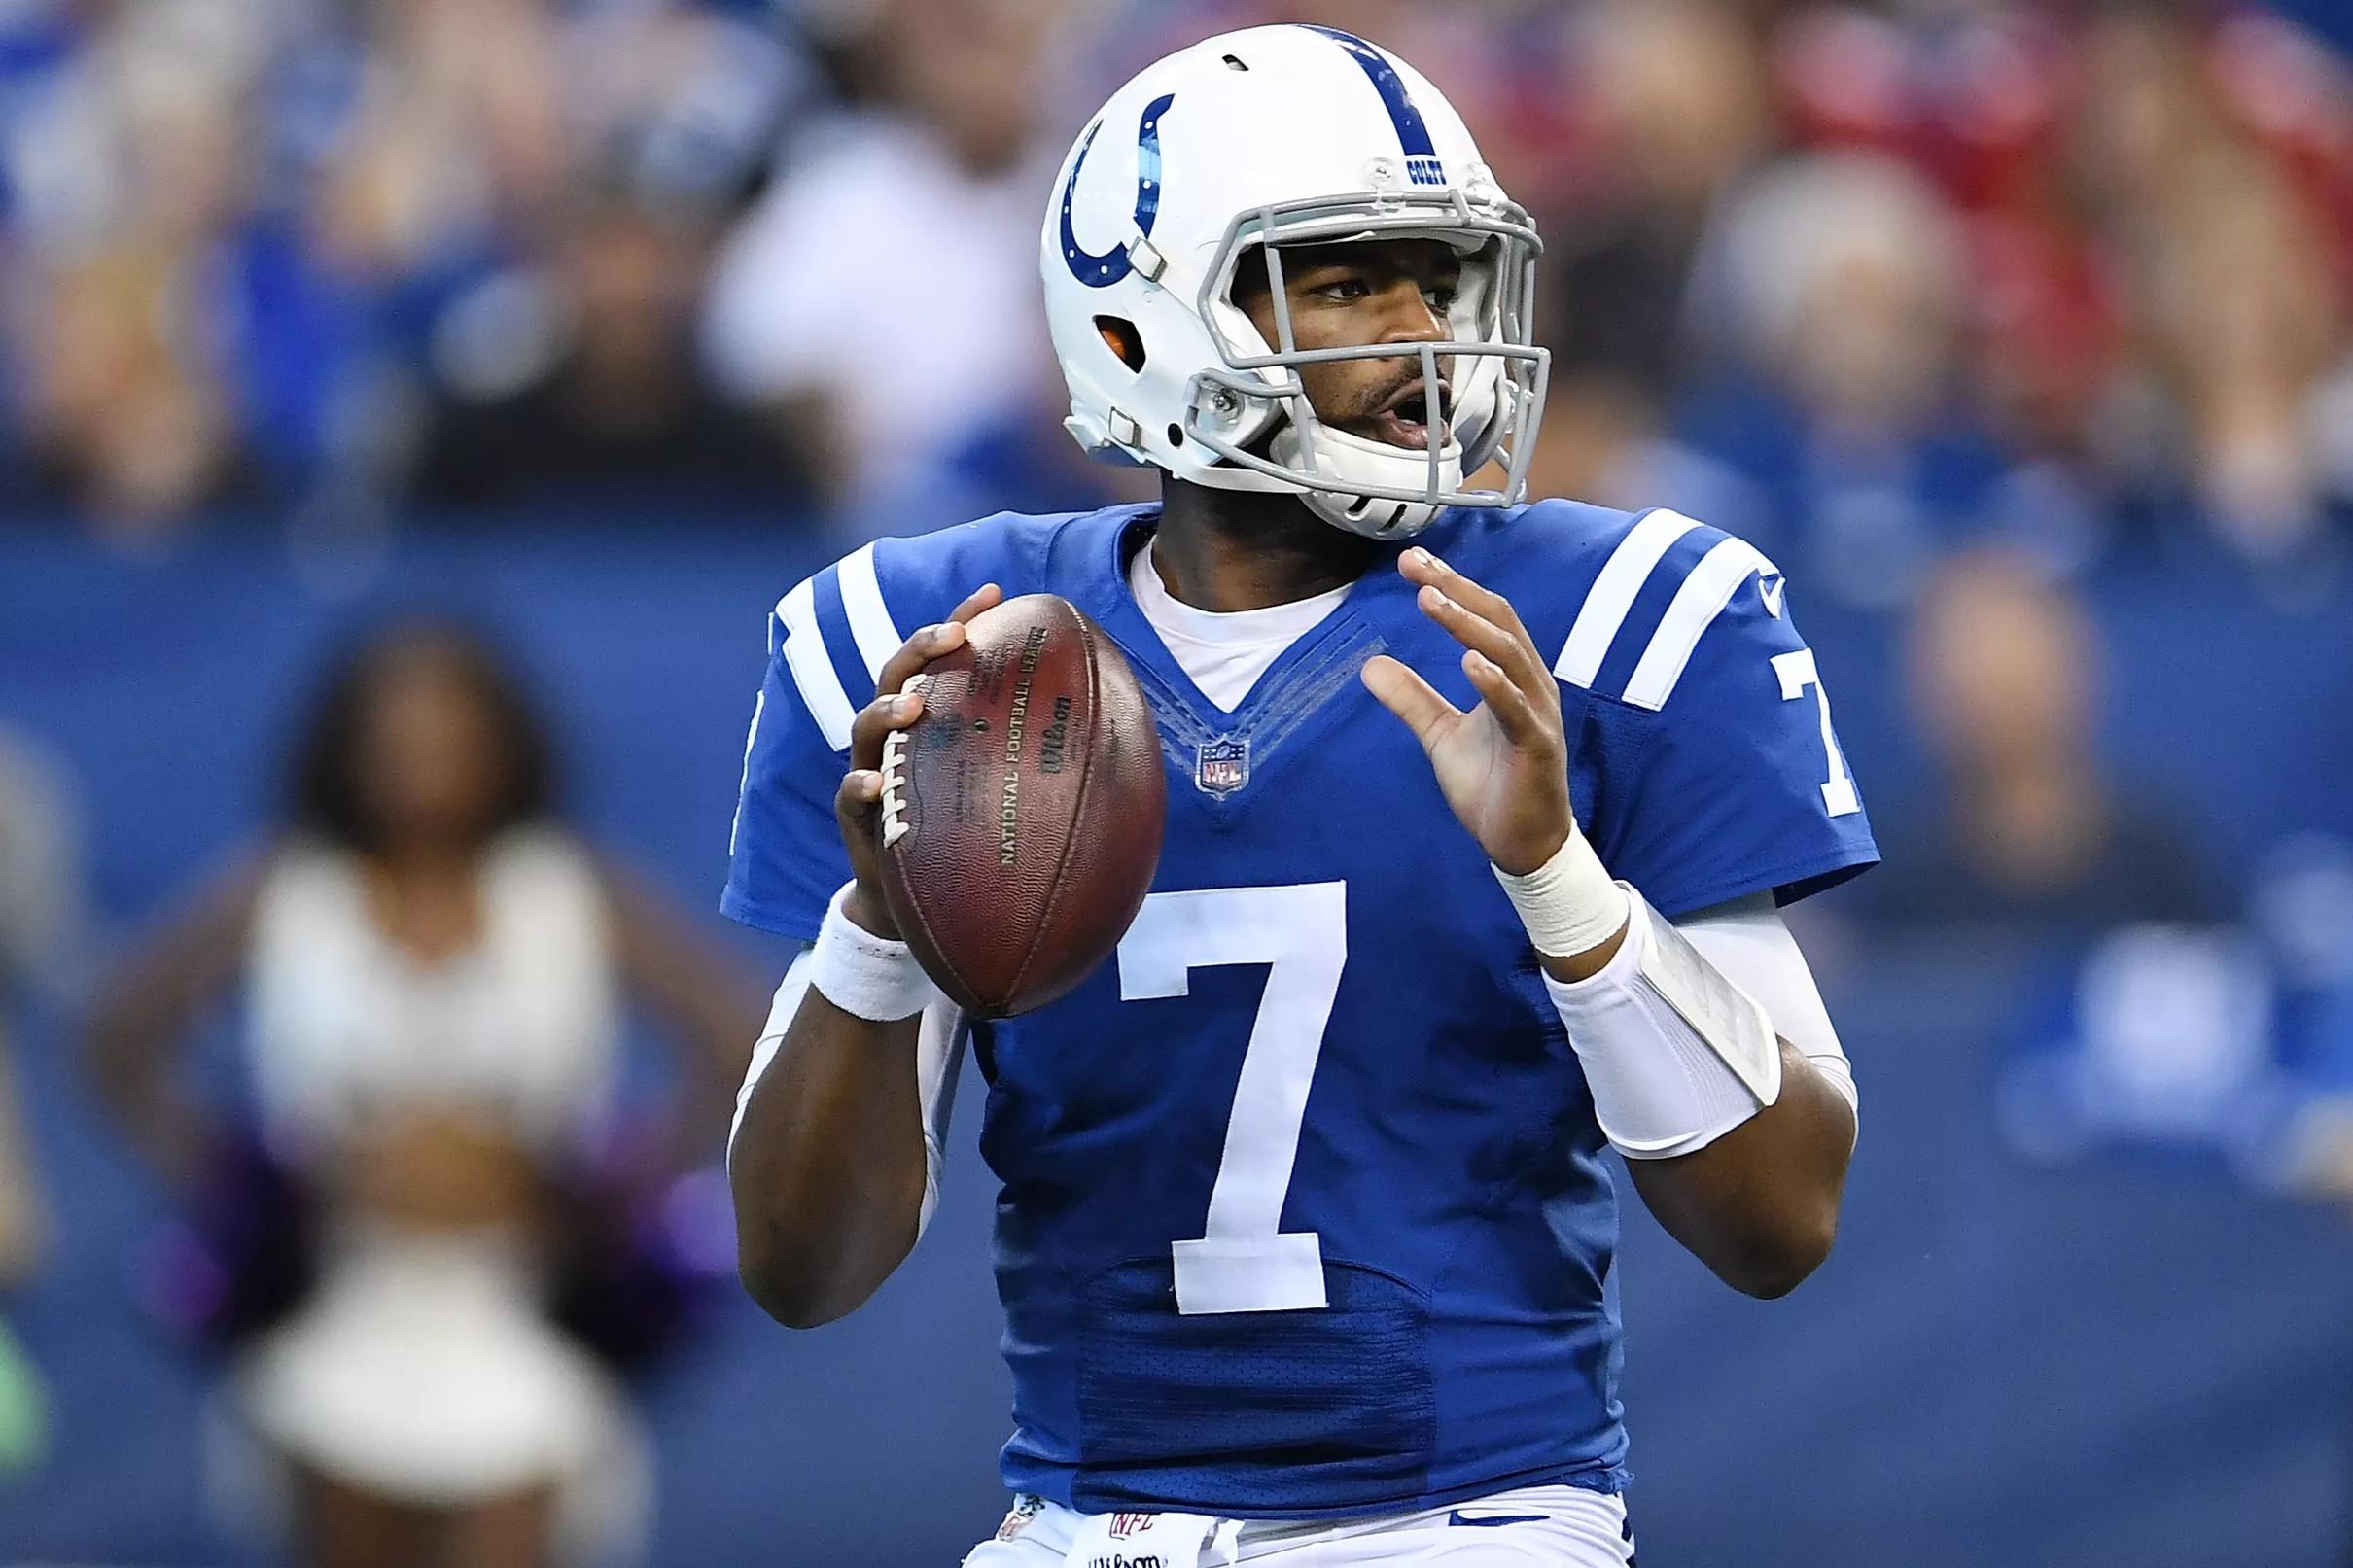 Colts at Titans - Monday Night Football Live Blog